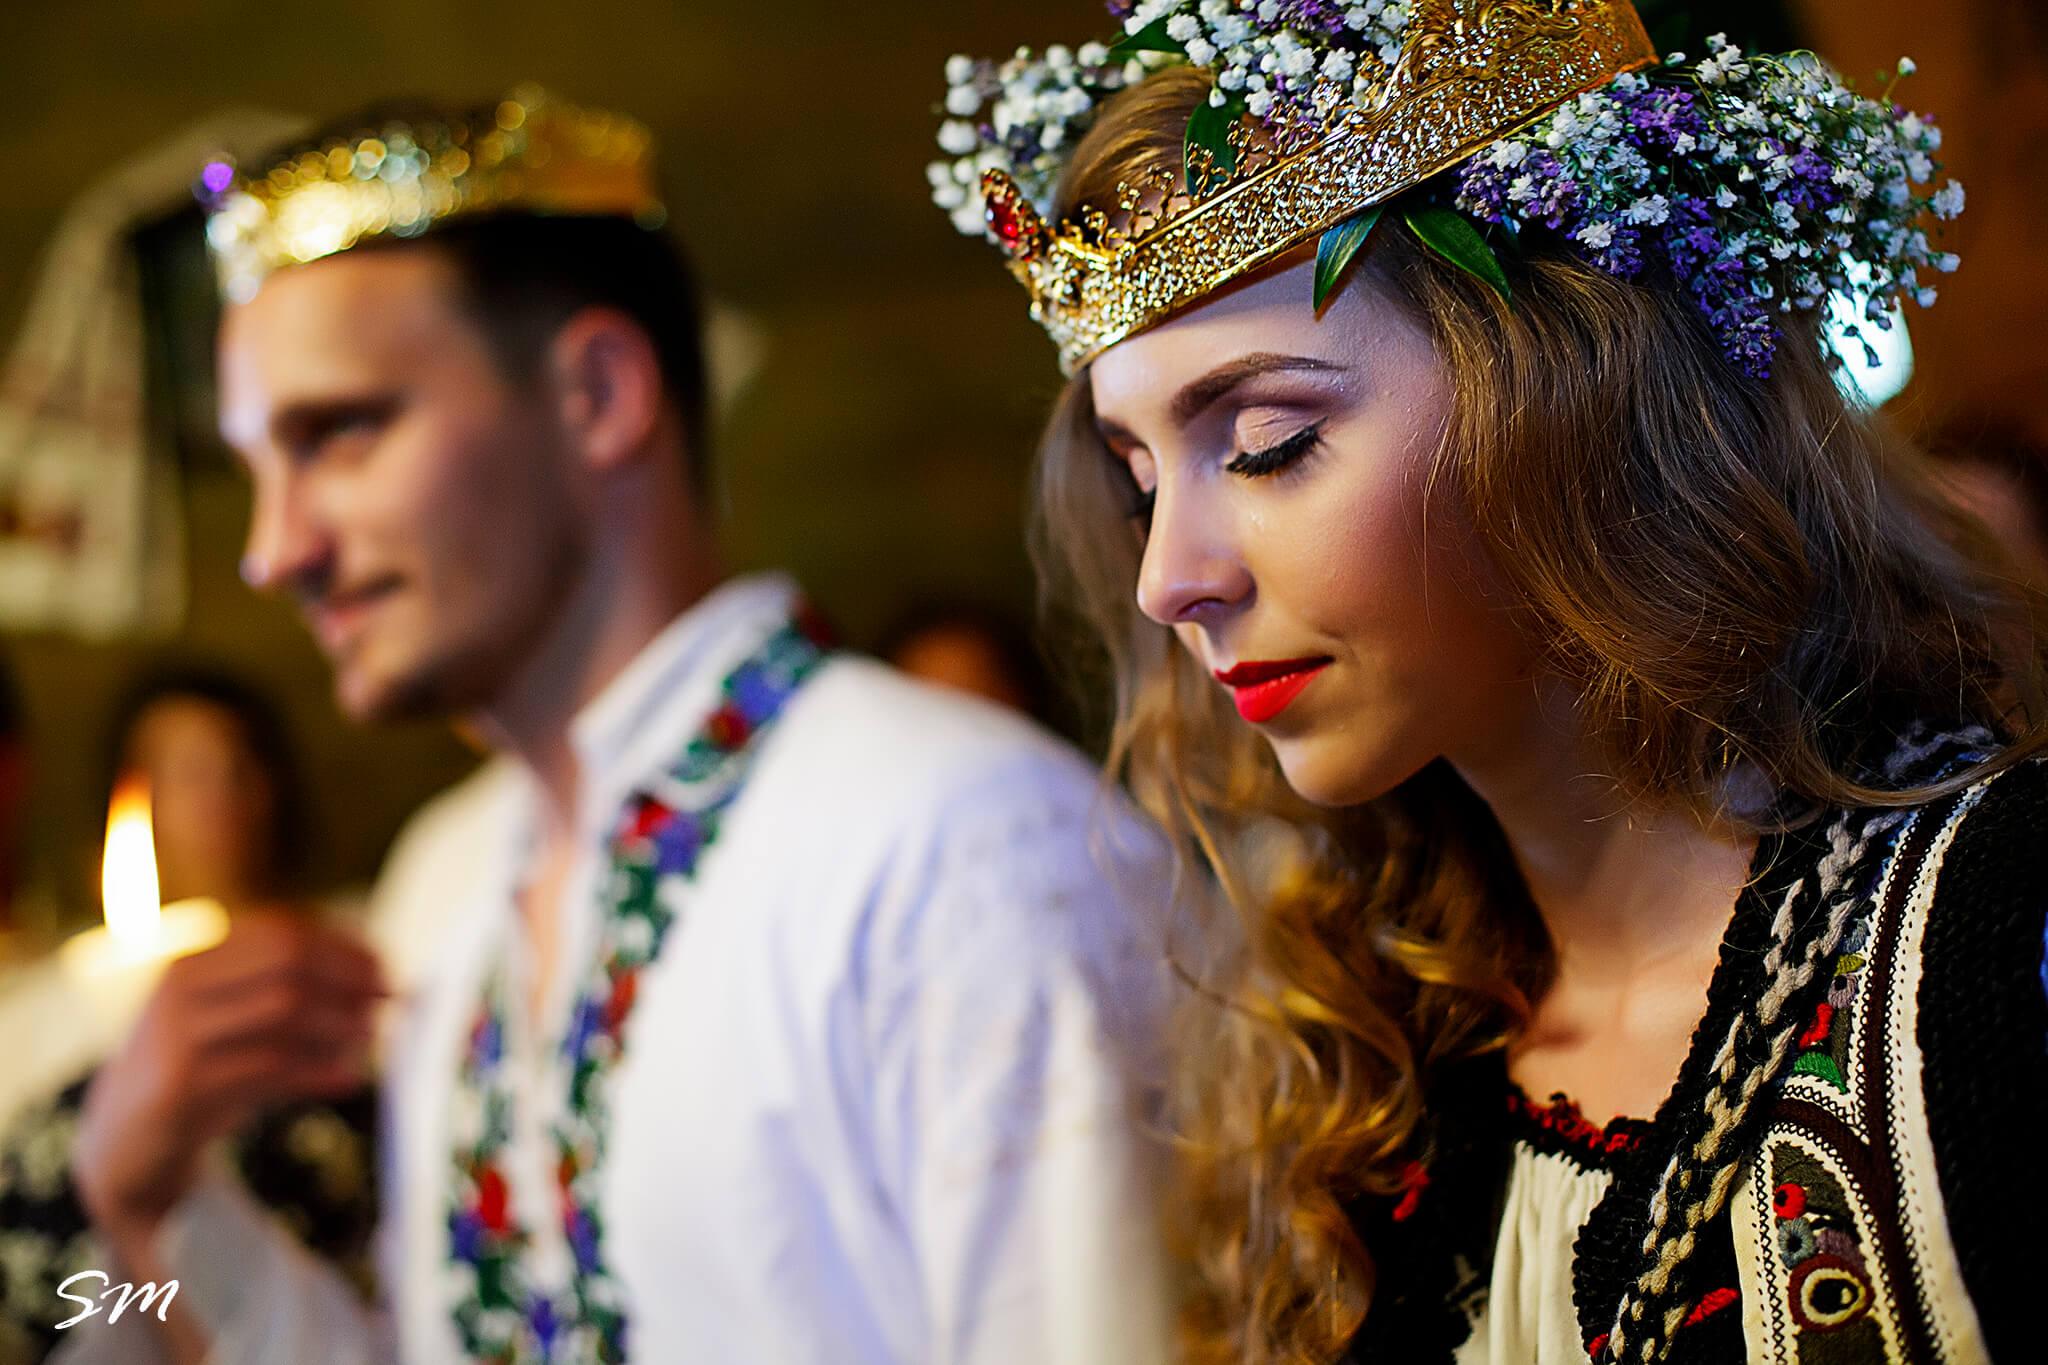 fotografii_nunta_suceava_muzeul_satului (10)